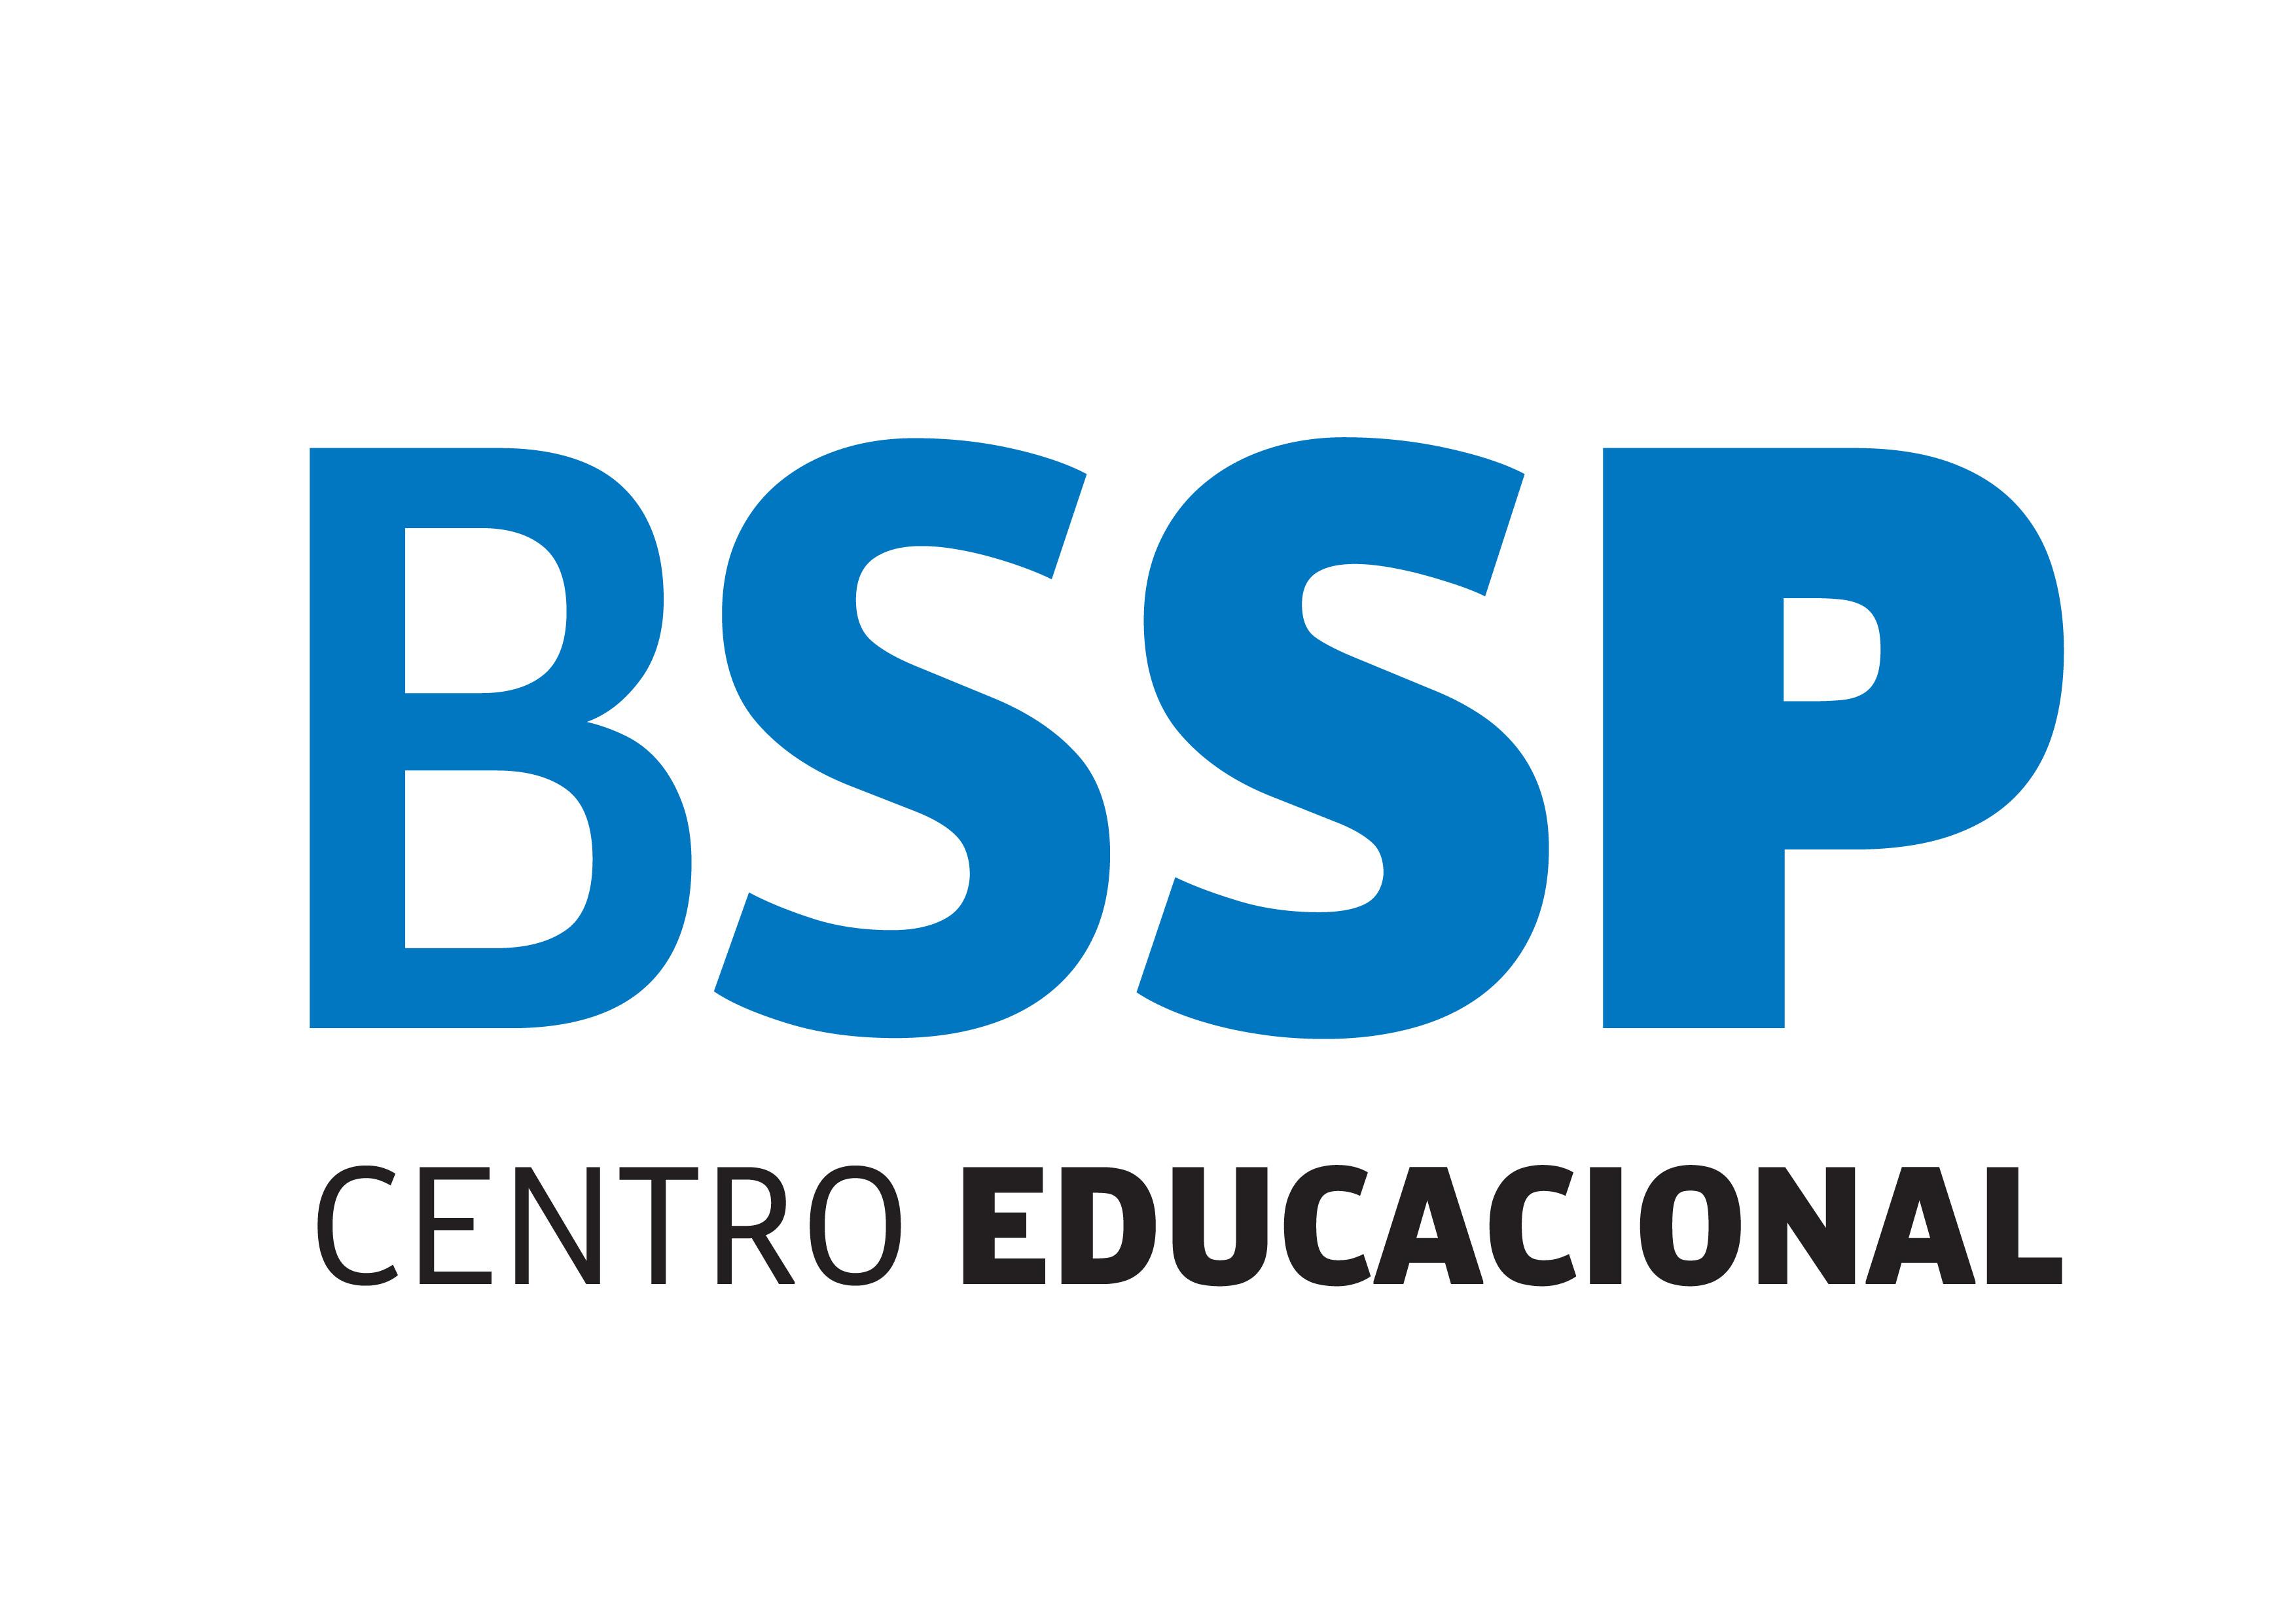 Resultado de imagem para bssp centro educacional